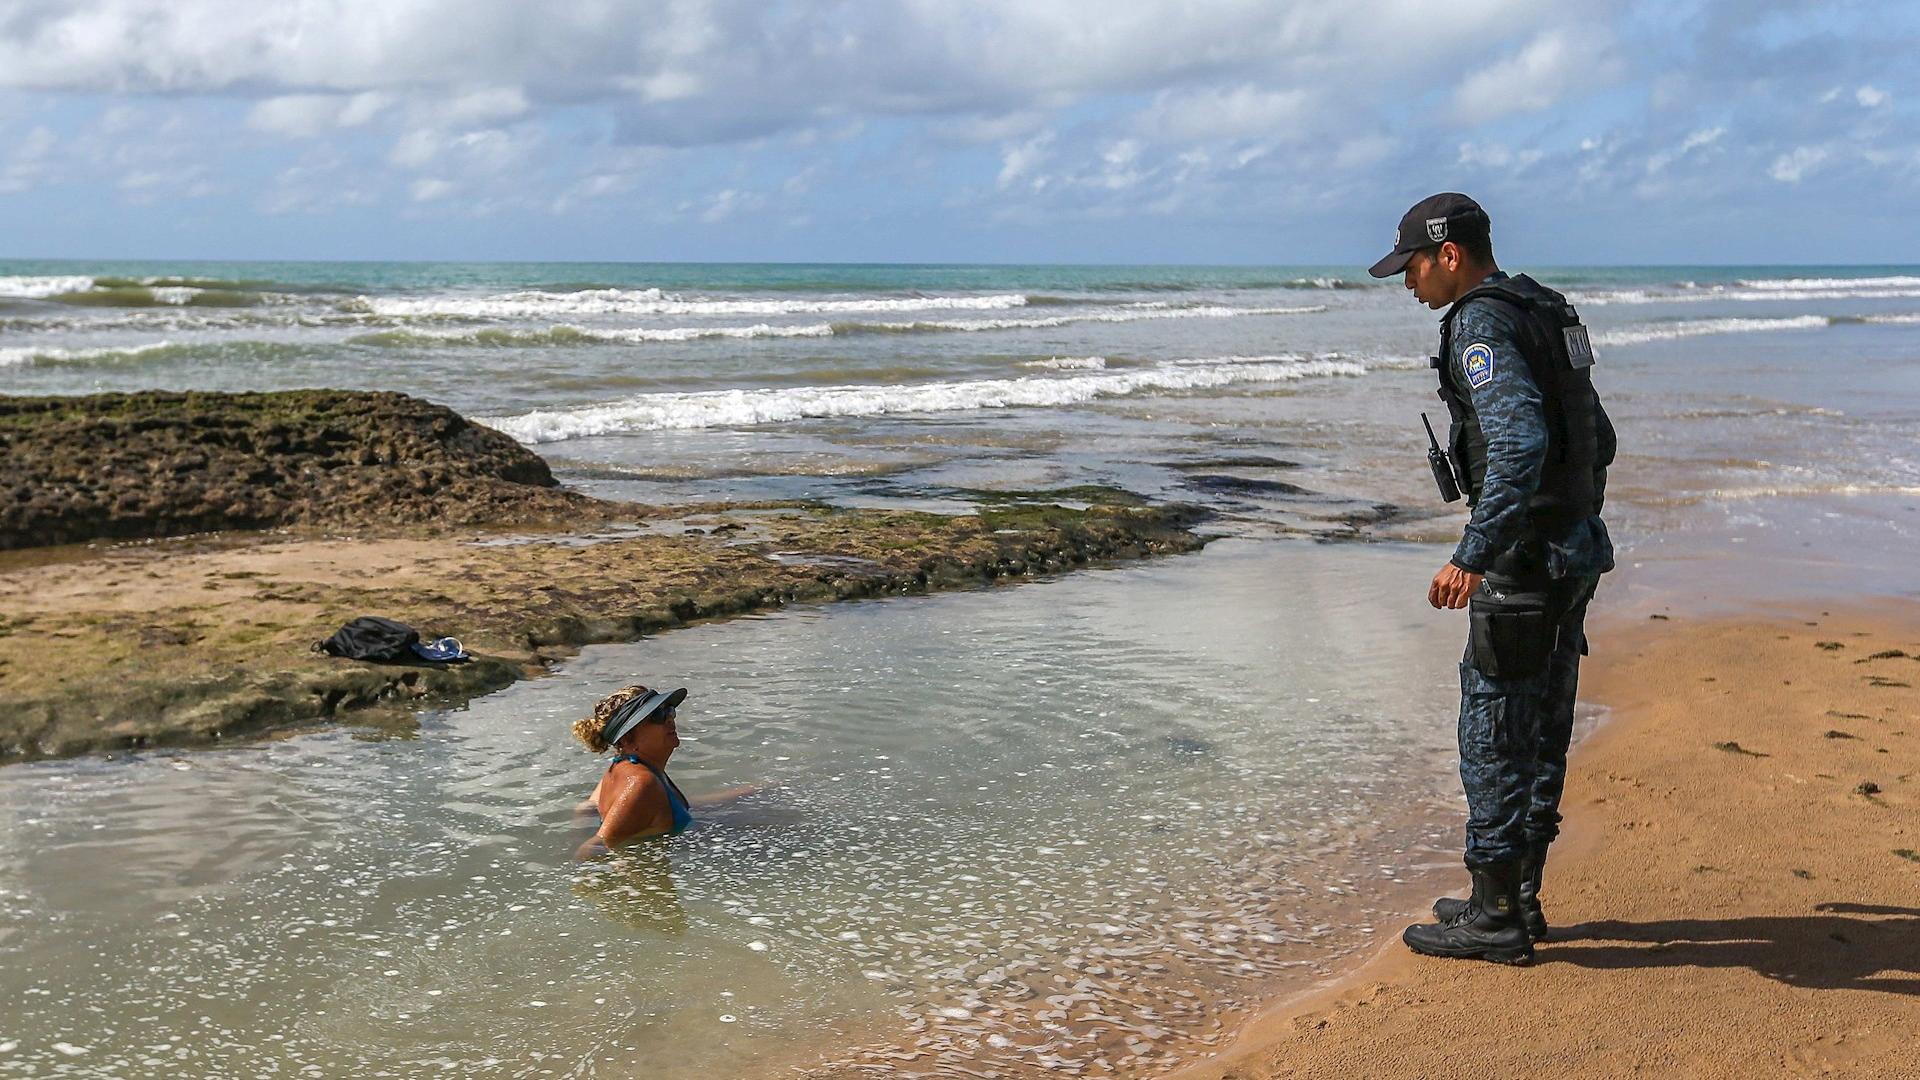 Brasil playa Recife turistas 2Brasil playa Recife turistas 2